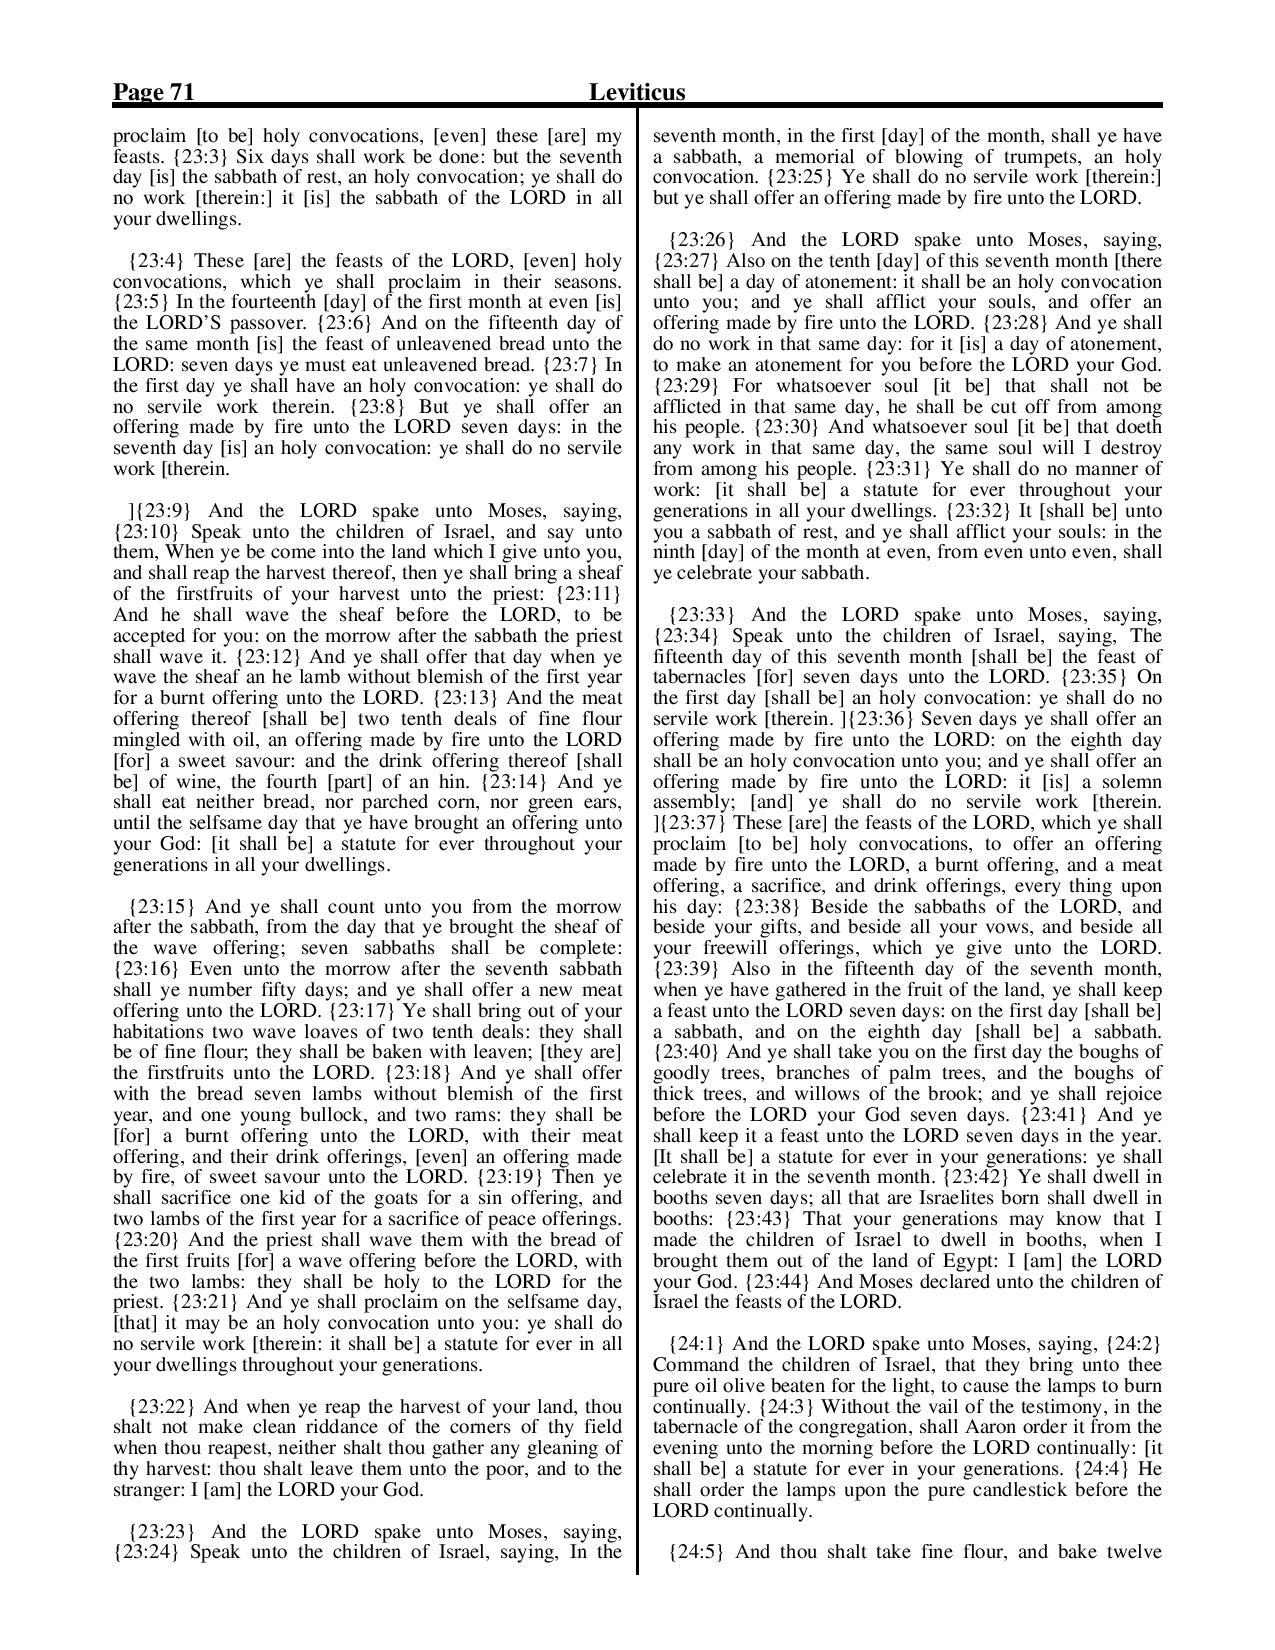 King-James-Bible-KJV-Bible-PDF-page-092